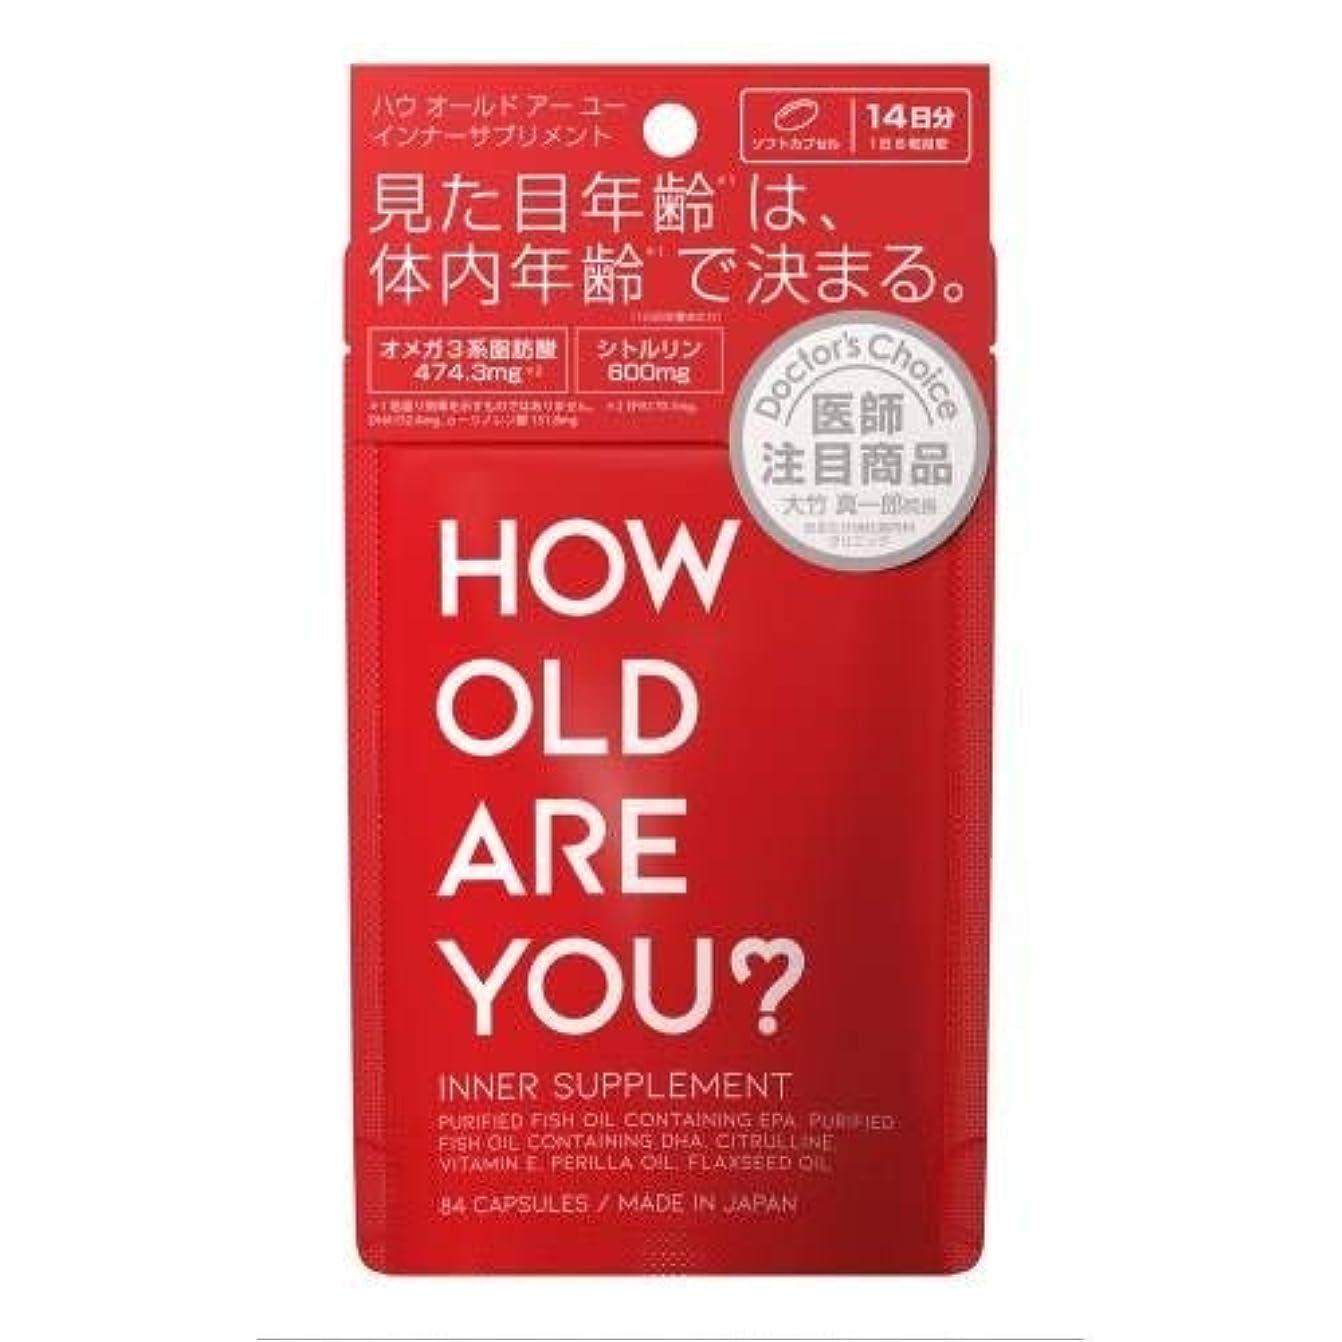 却下する算術状【4個セット】HOW OLD ARE YOU?インナーサプリメント 84粒